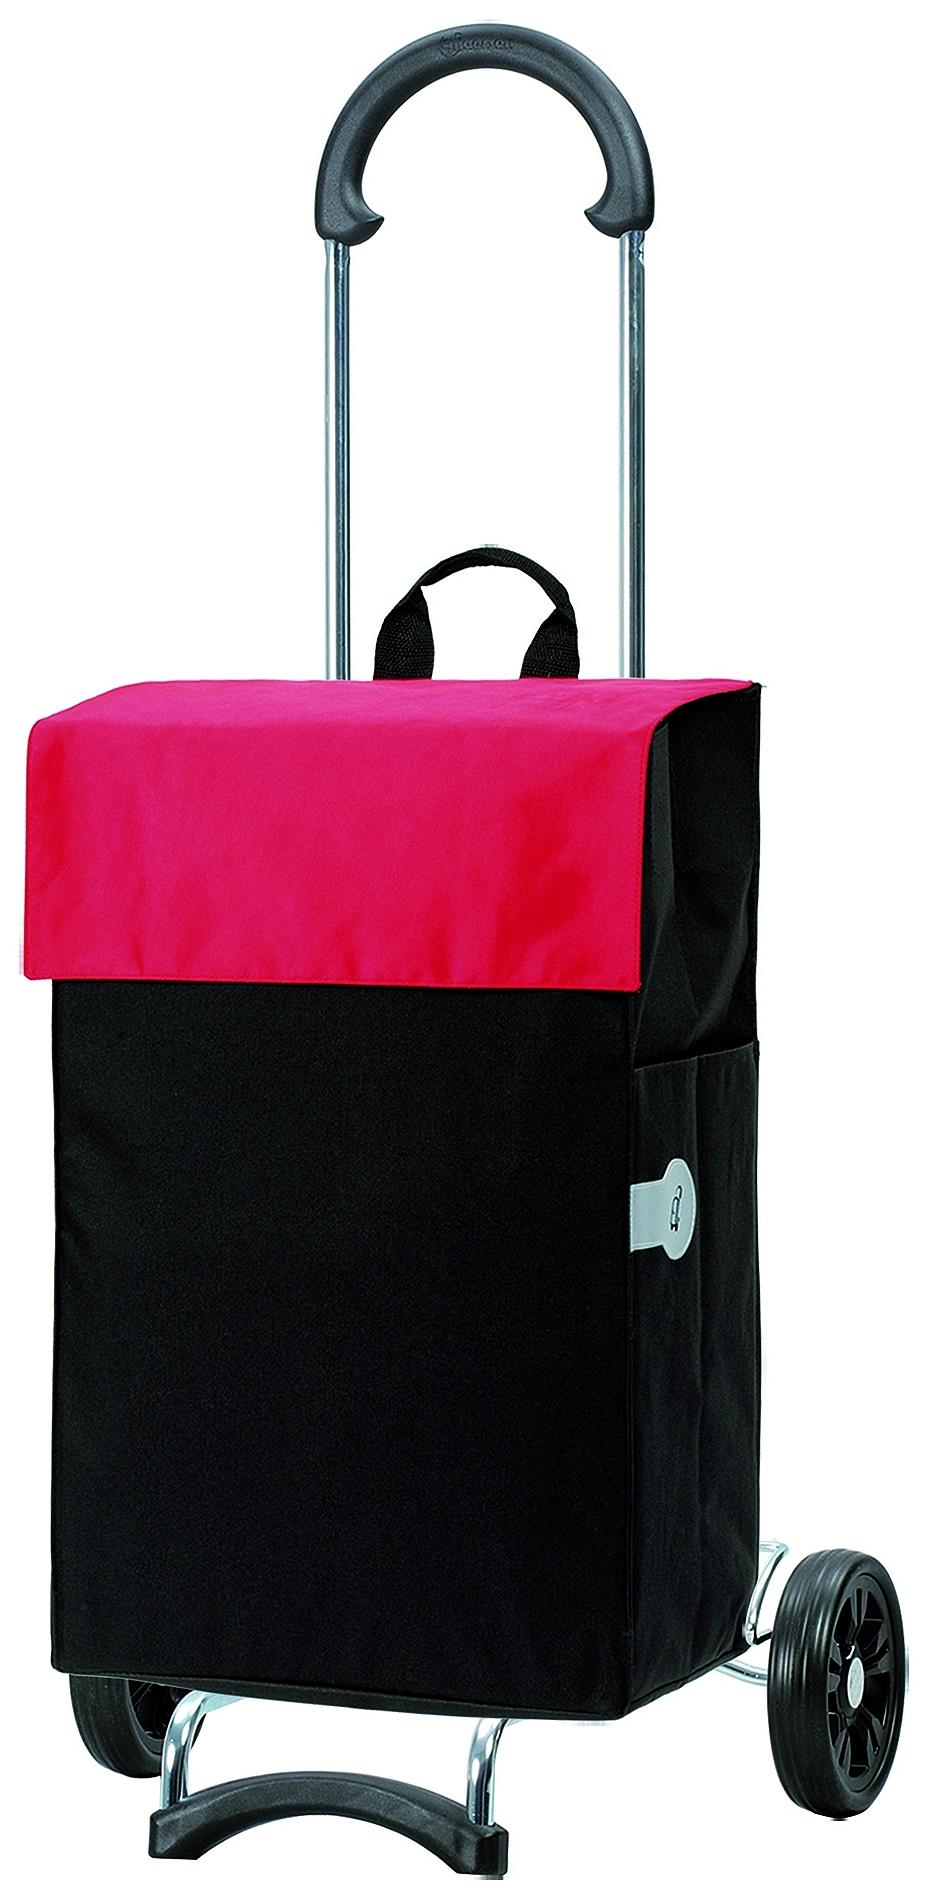 Andersen Nákupní taška na kolečkách SCALA SHOPPER® HERA 112-004-70 černo-červená